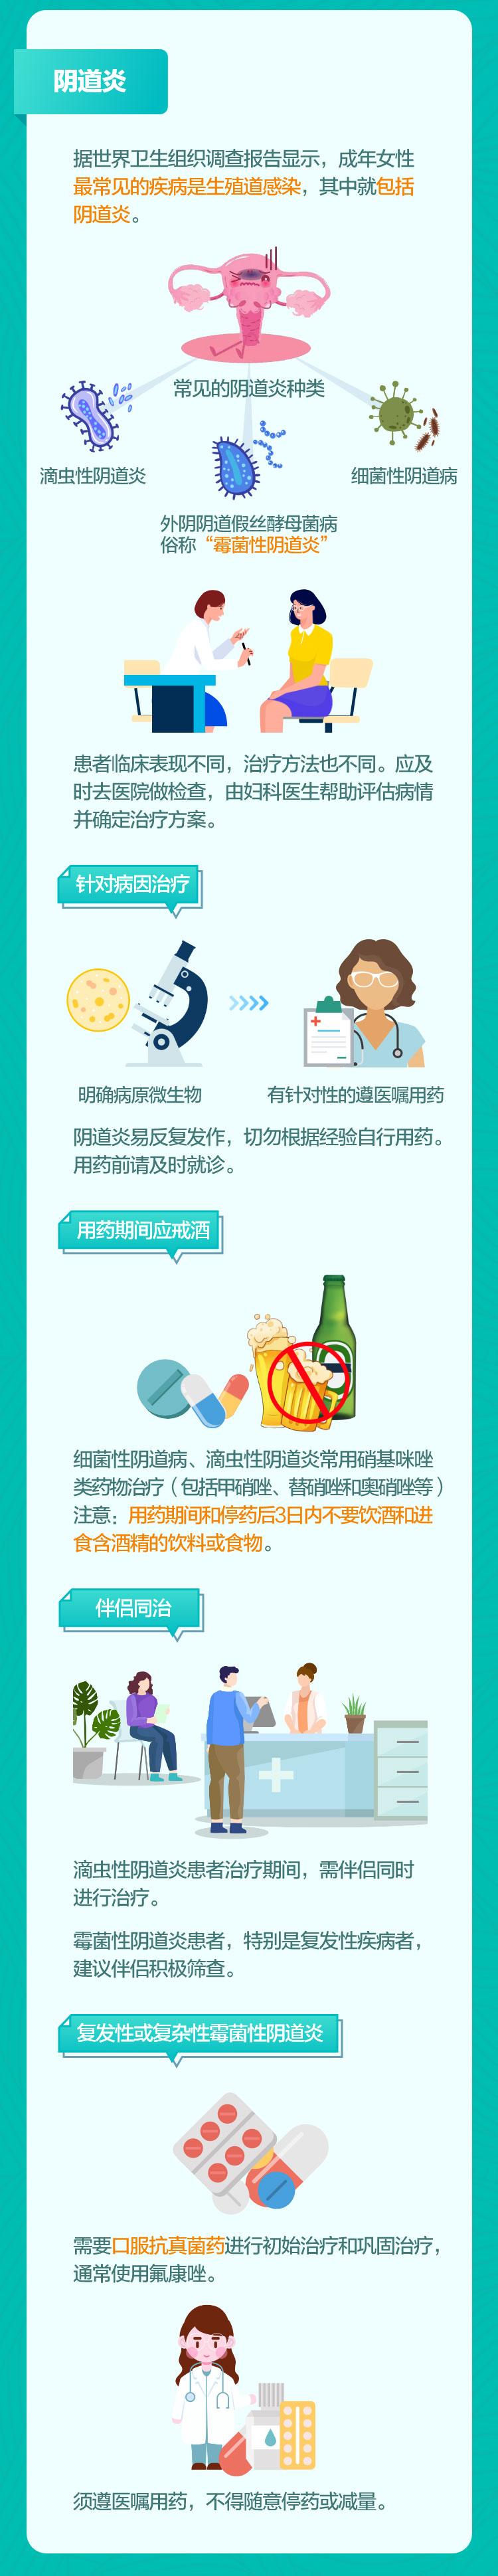 女性常见疾病用药长图_03.jpg